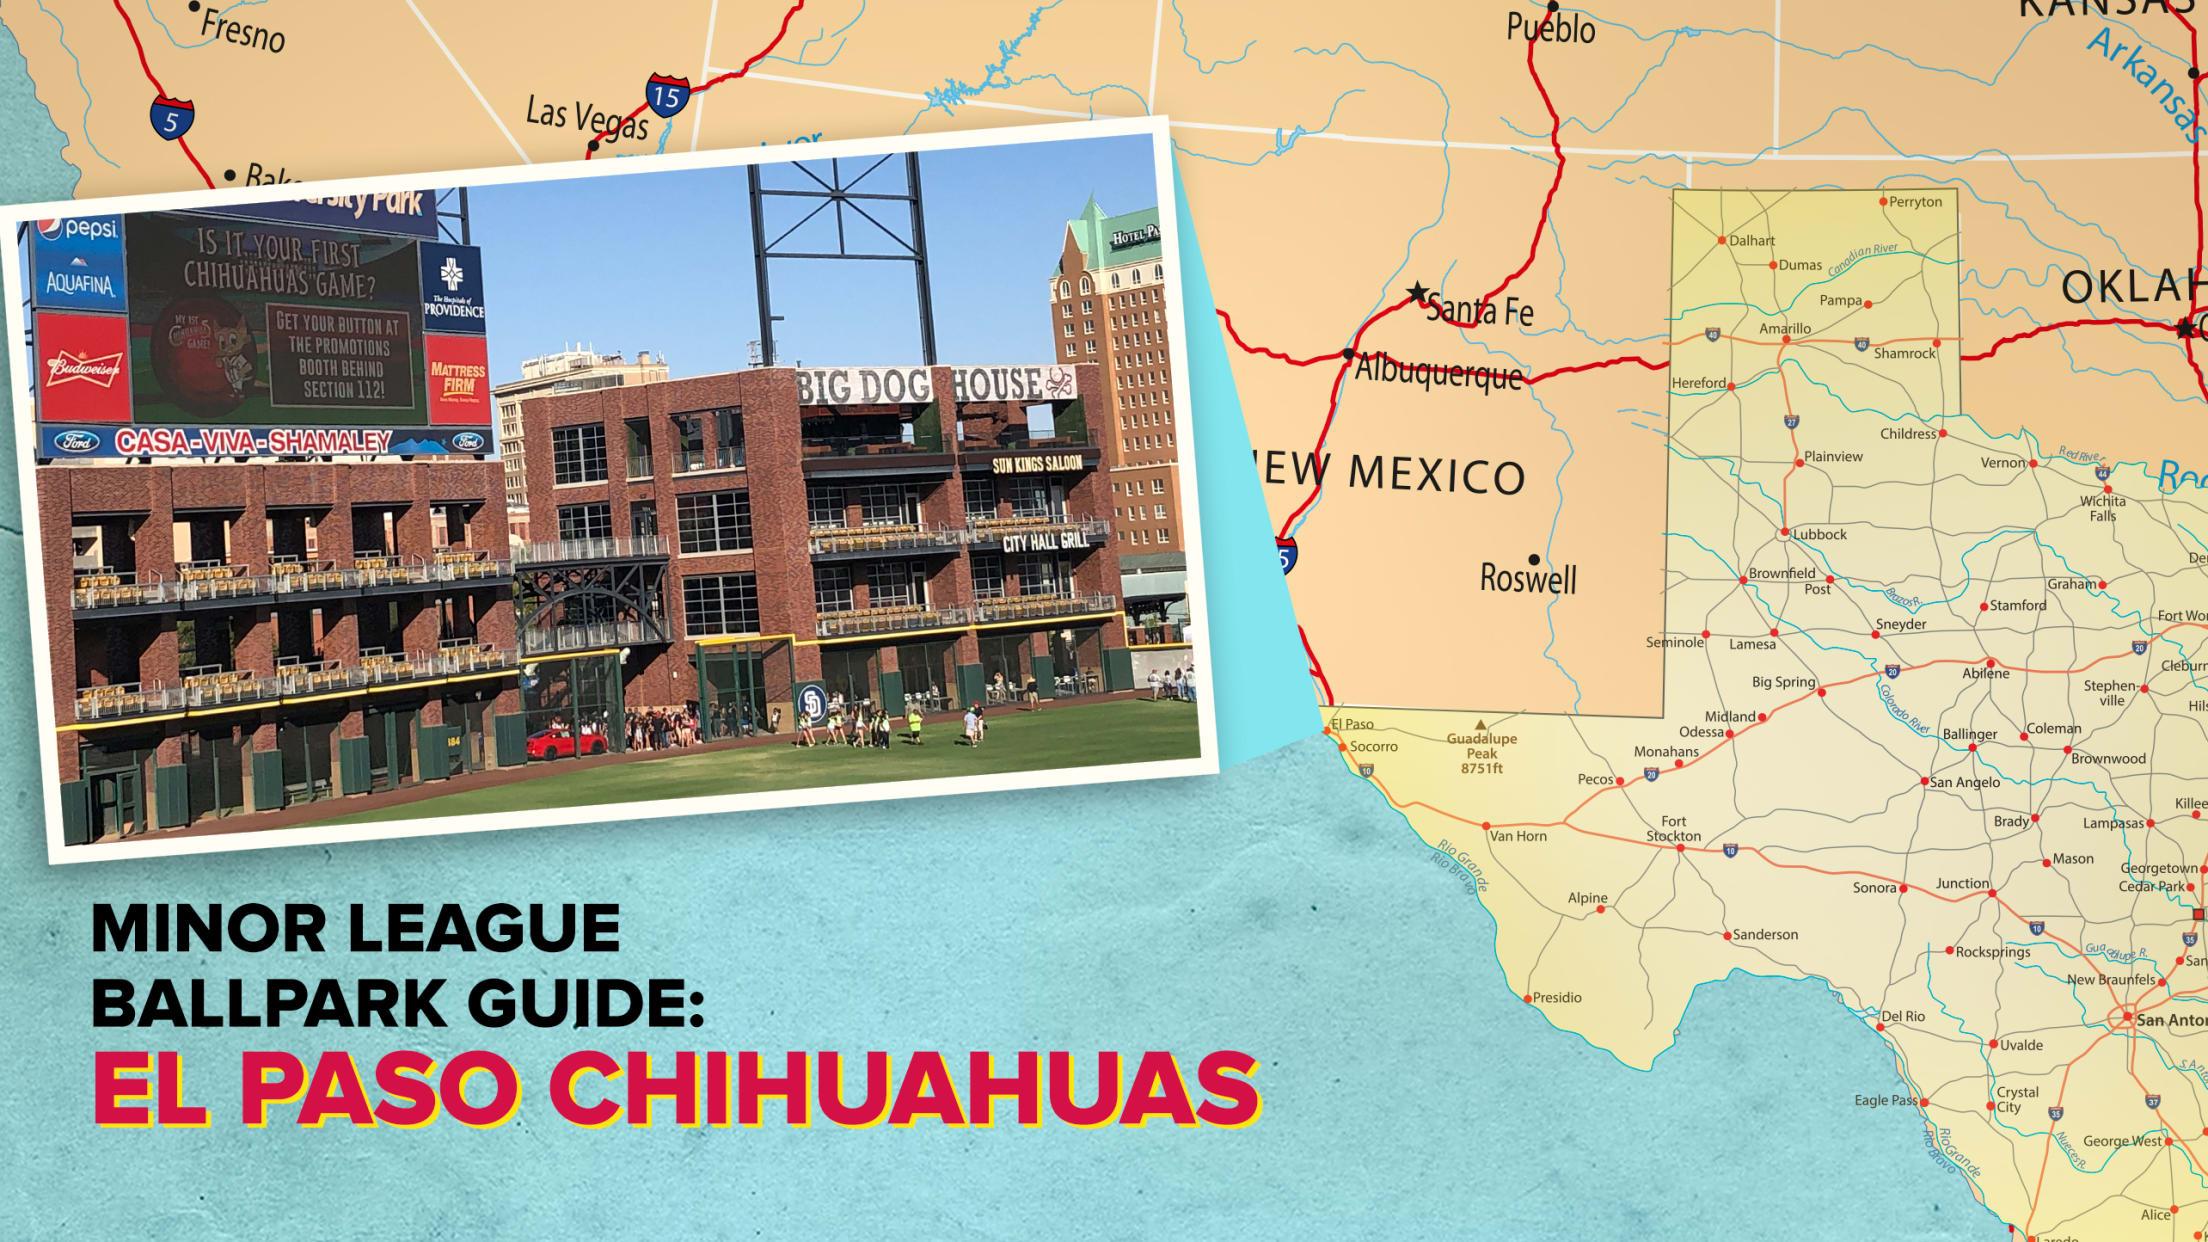 2568x1445-Stadium_Map_El_Paso